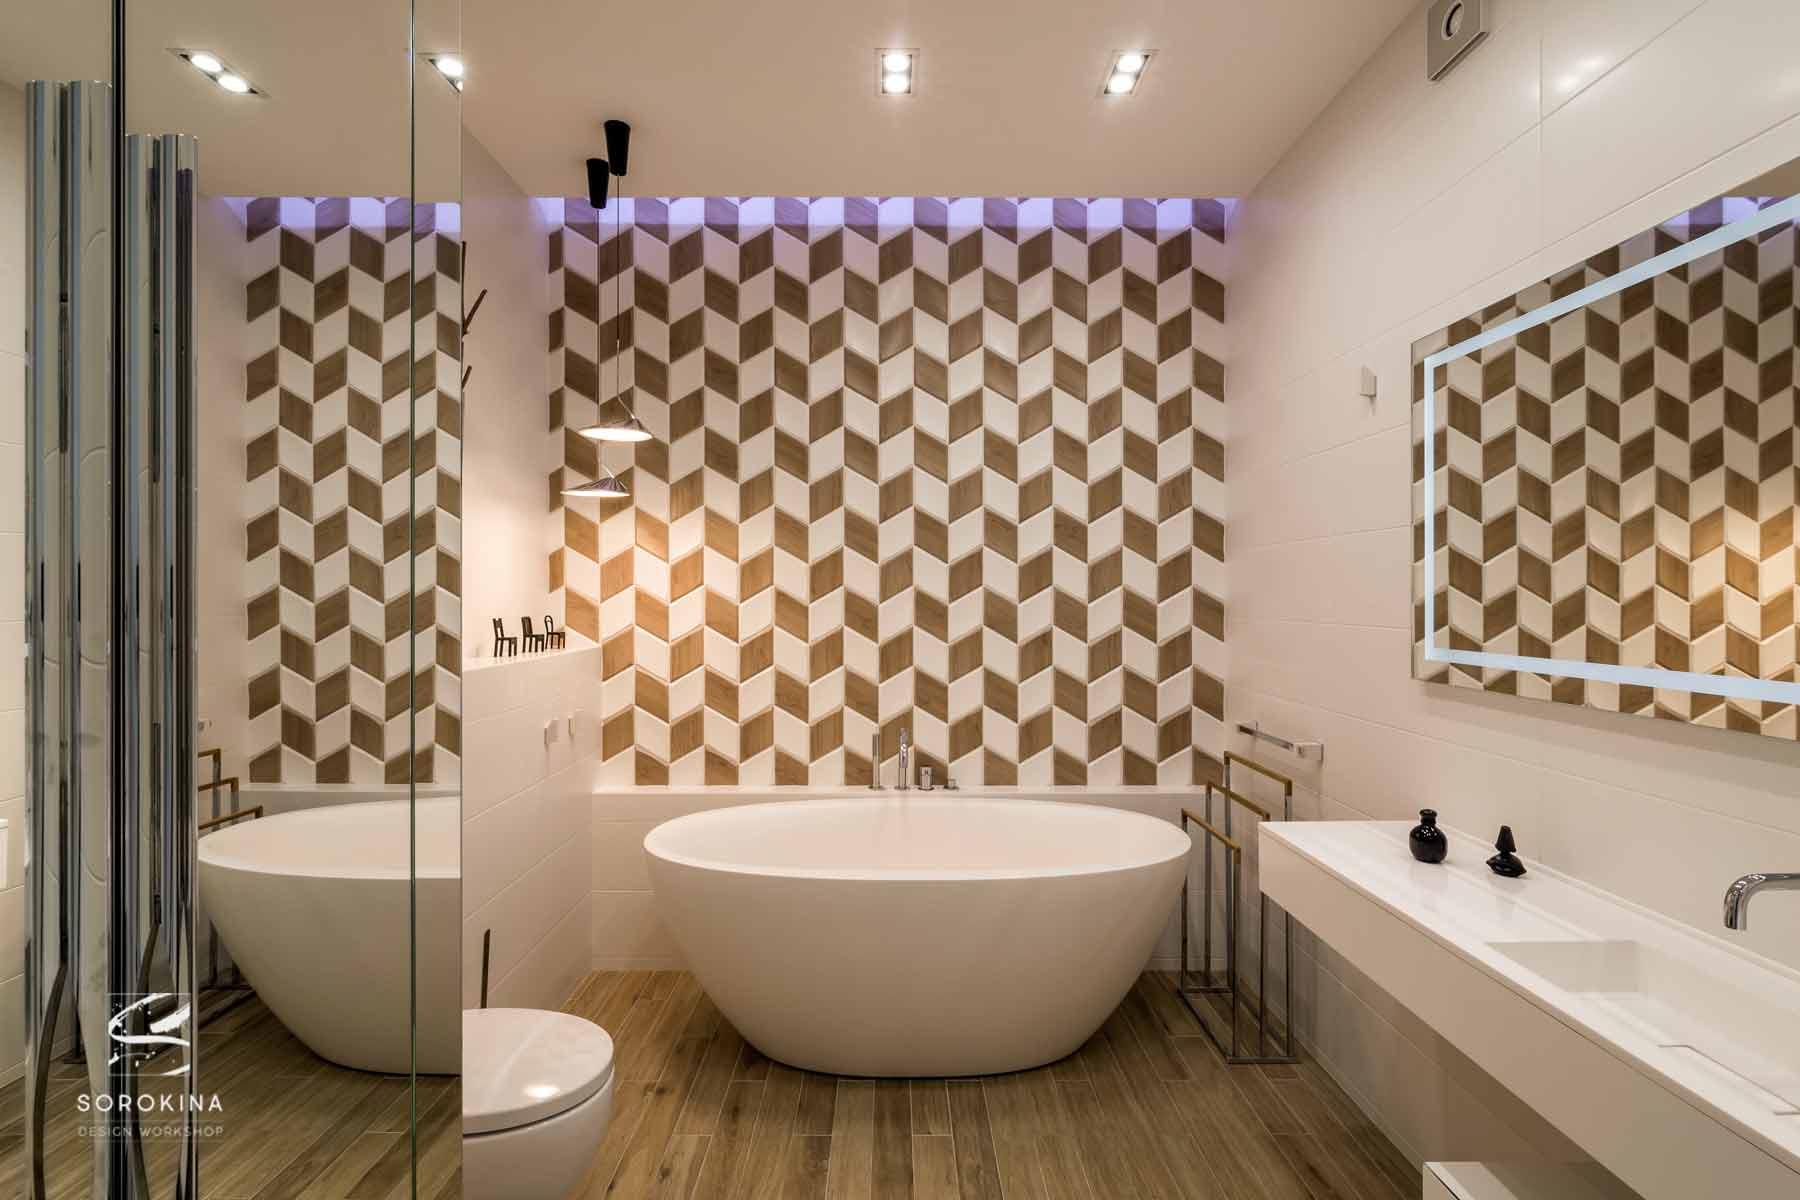 Дизайн-интерьера-ванной-Moonstone-ЖК-Ривер-стоун